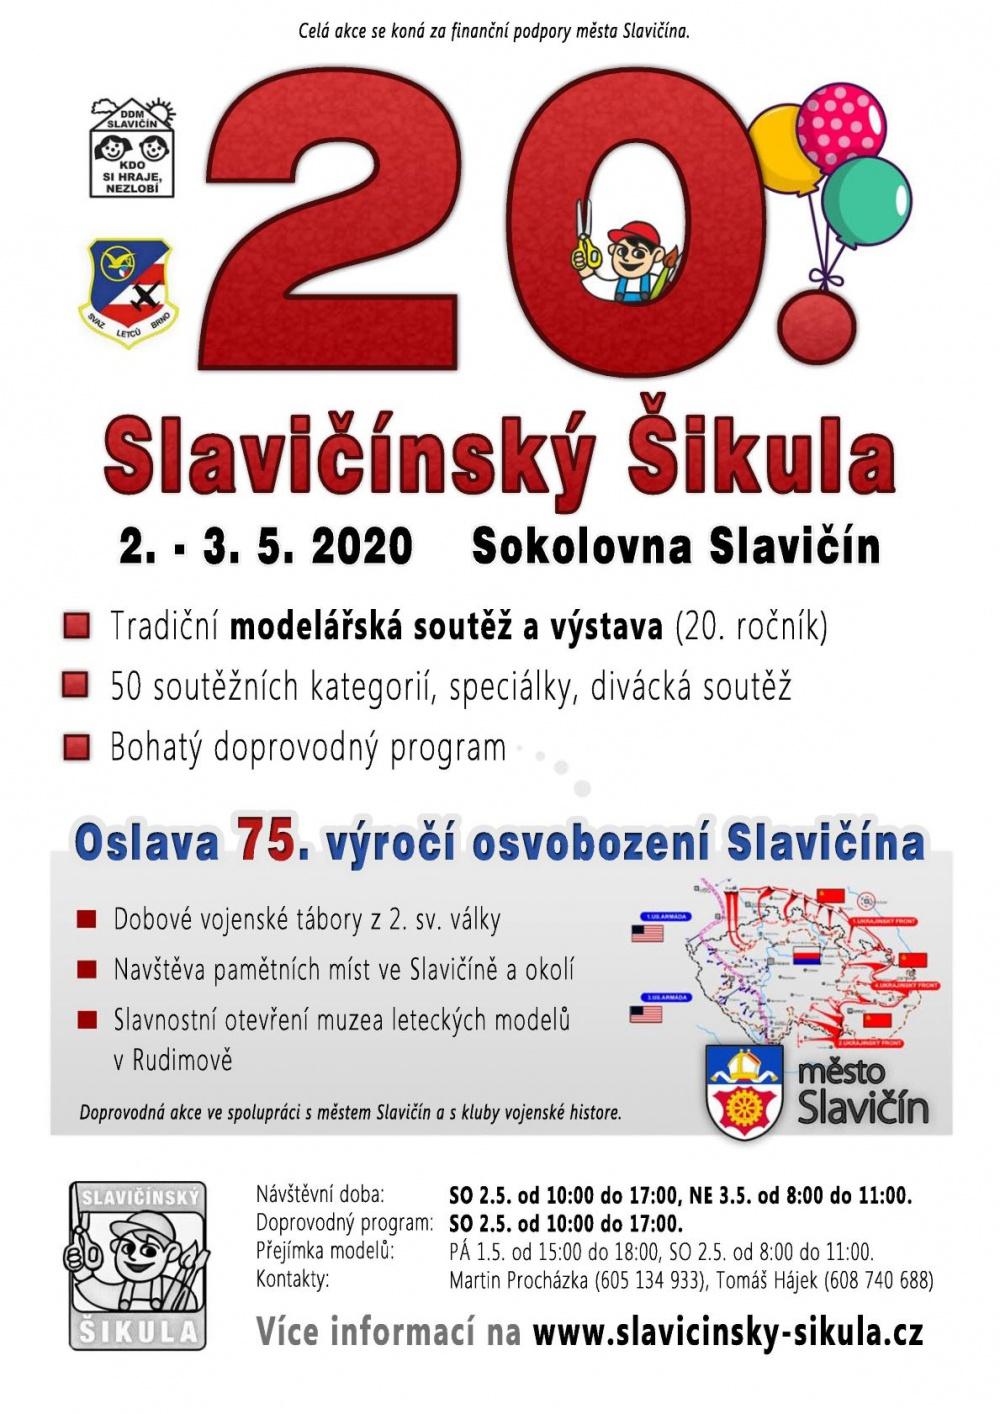 Slavičínský Šikula 2020